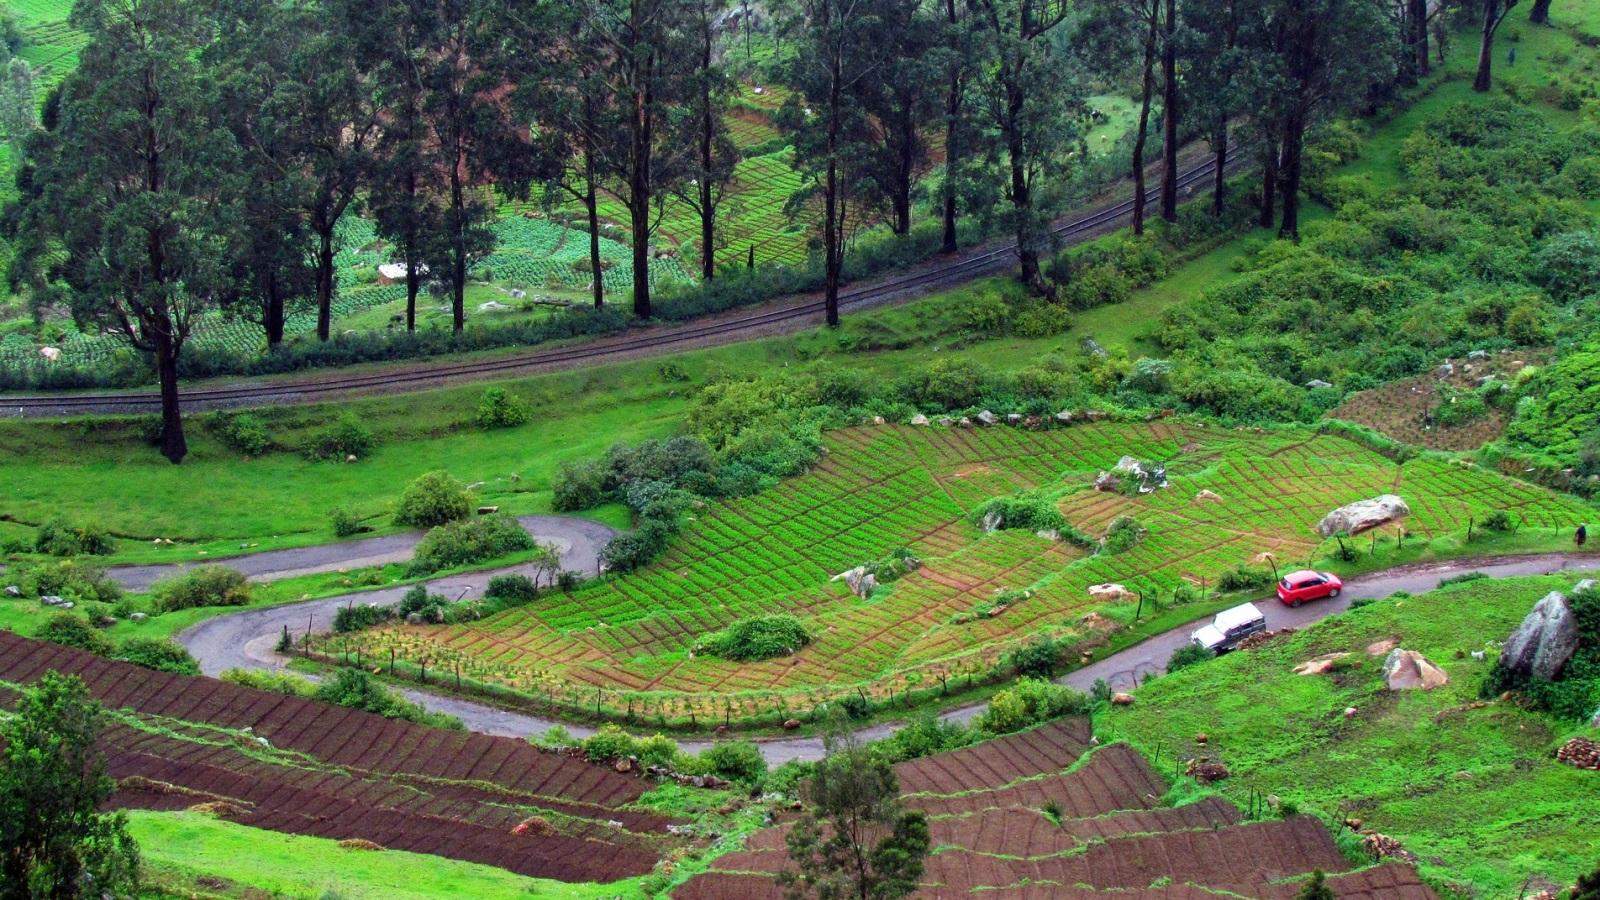 بالصور  ..  مناظر طبيعية خلابة من الهند